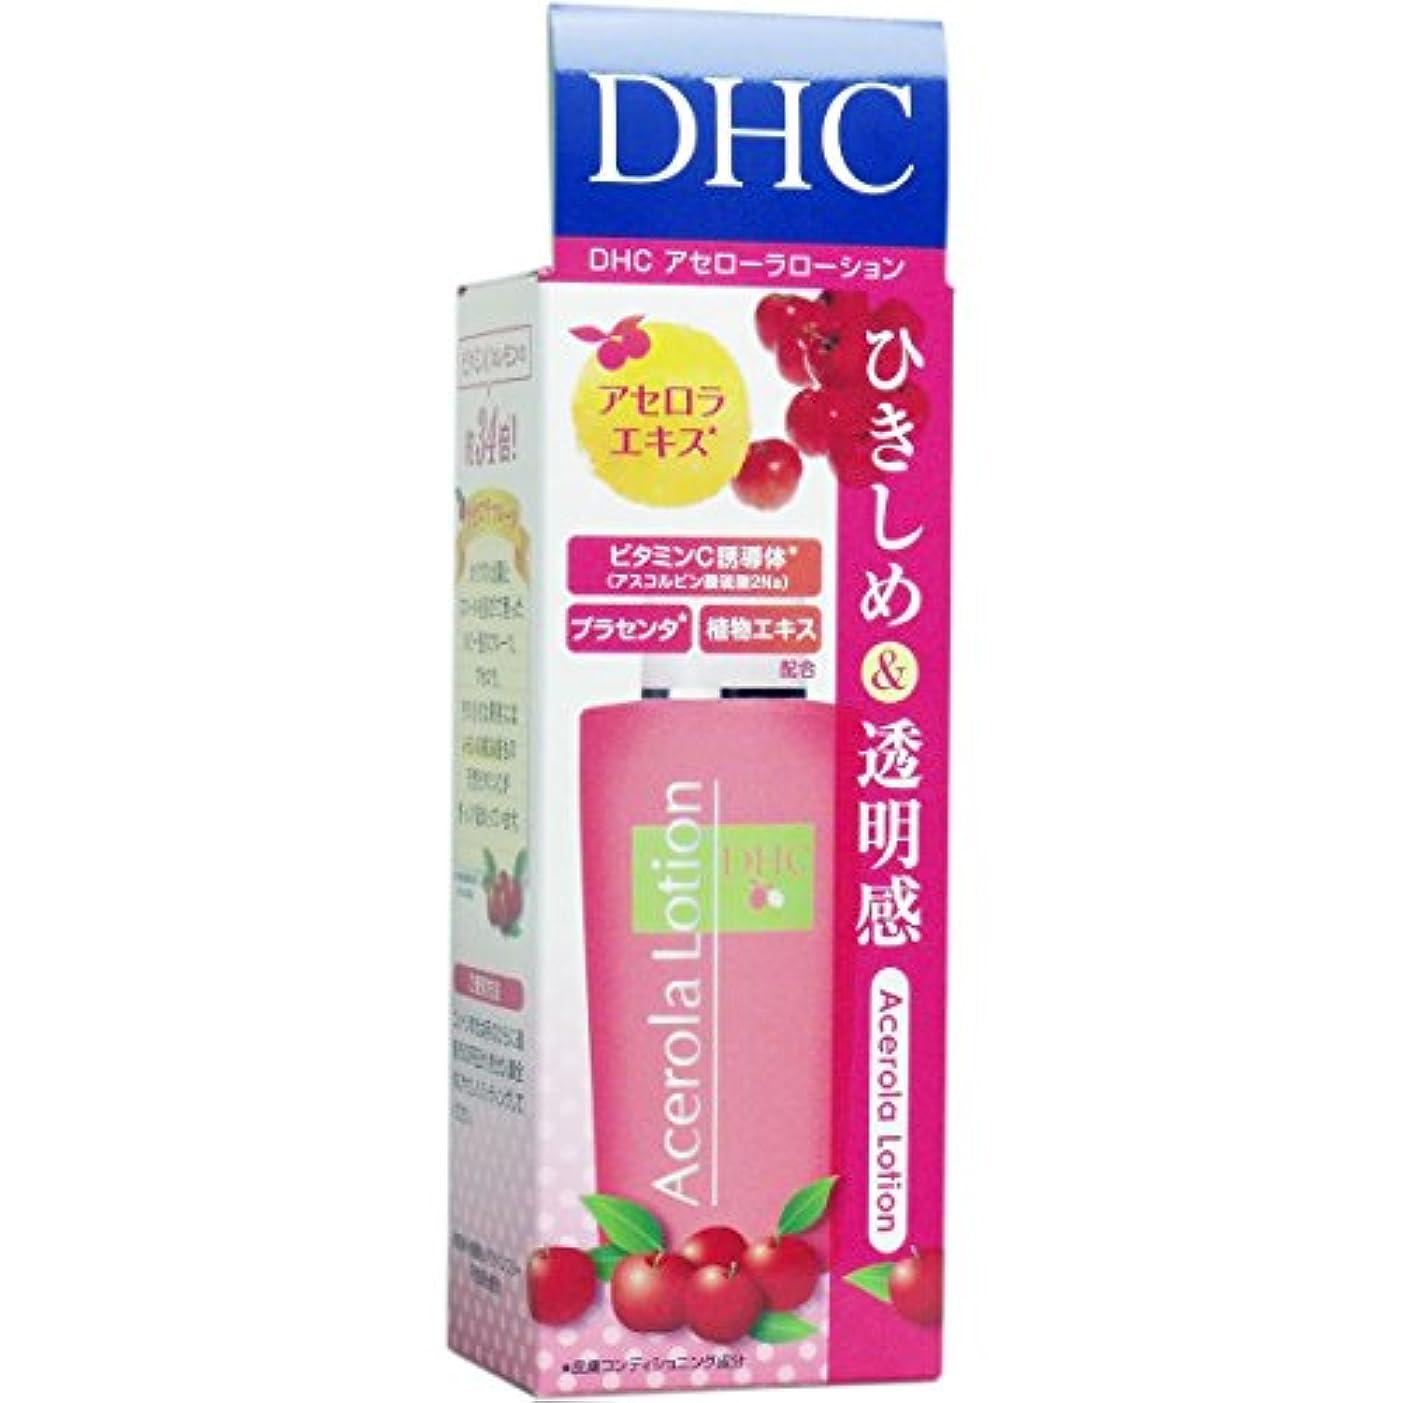 まさに履歴書秋【DHC】DHC アセローラローション(SS) 40ml ×5個セット